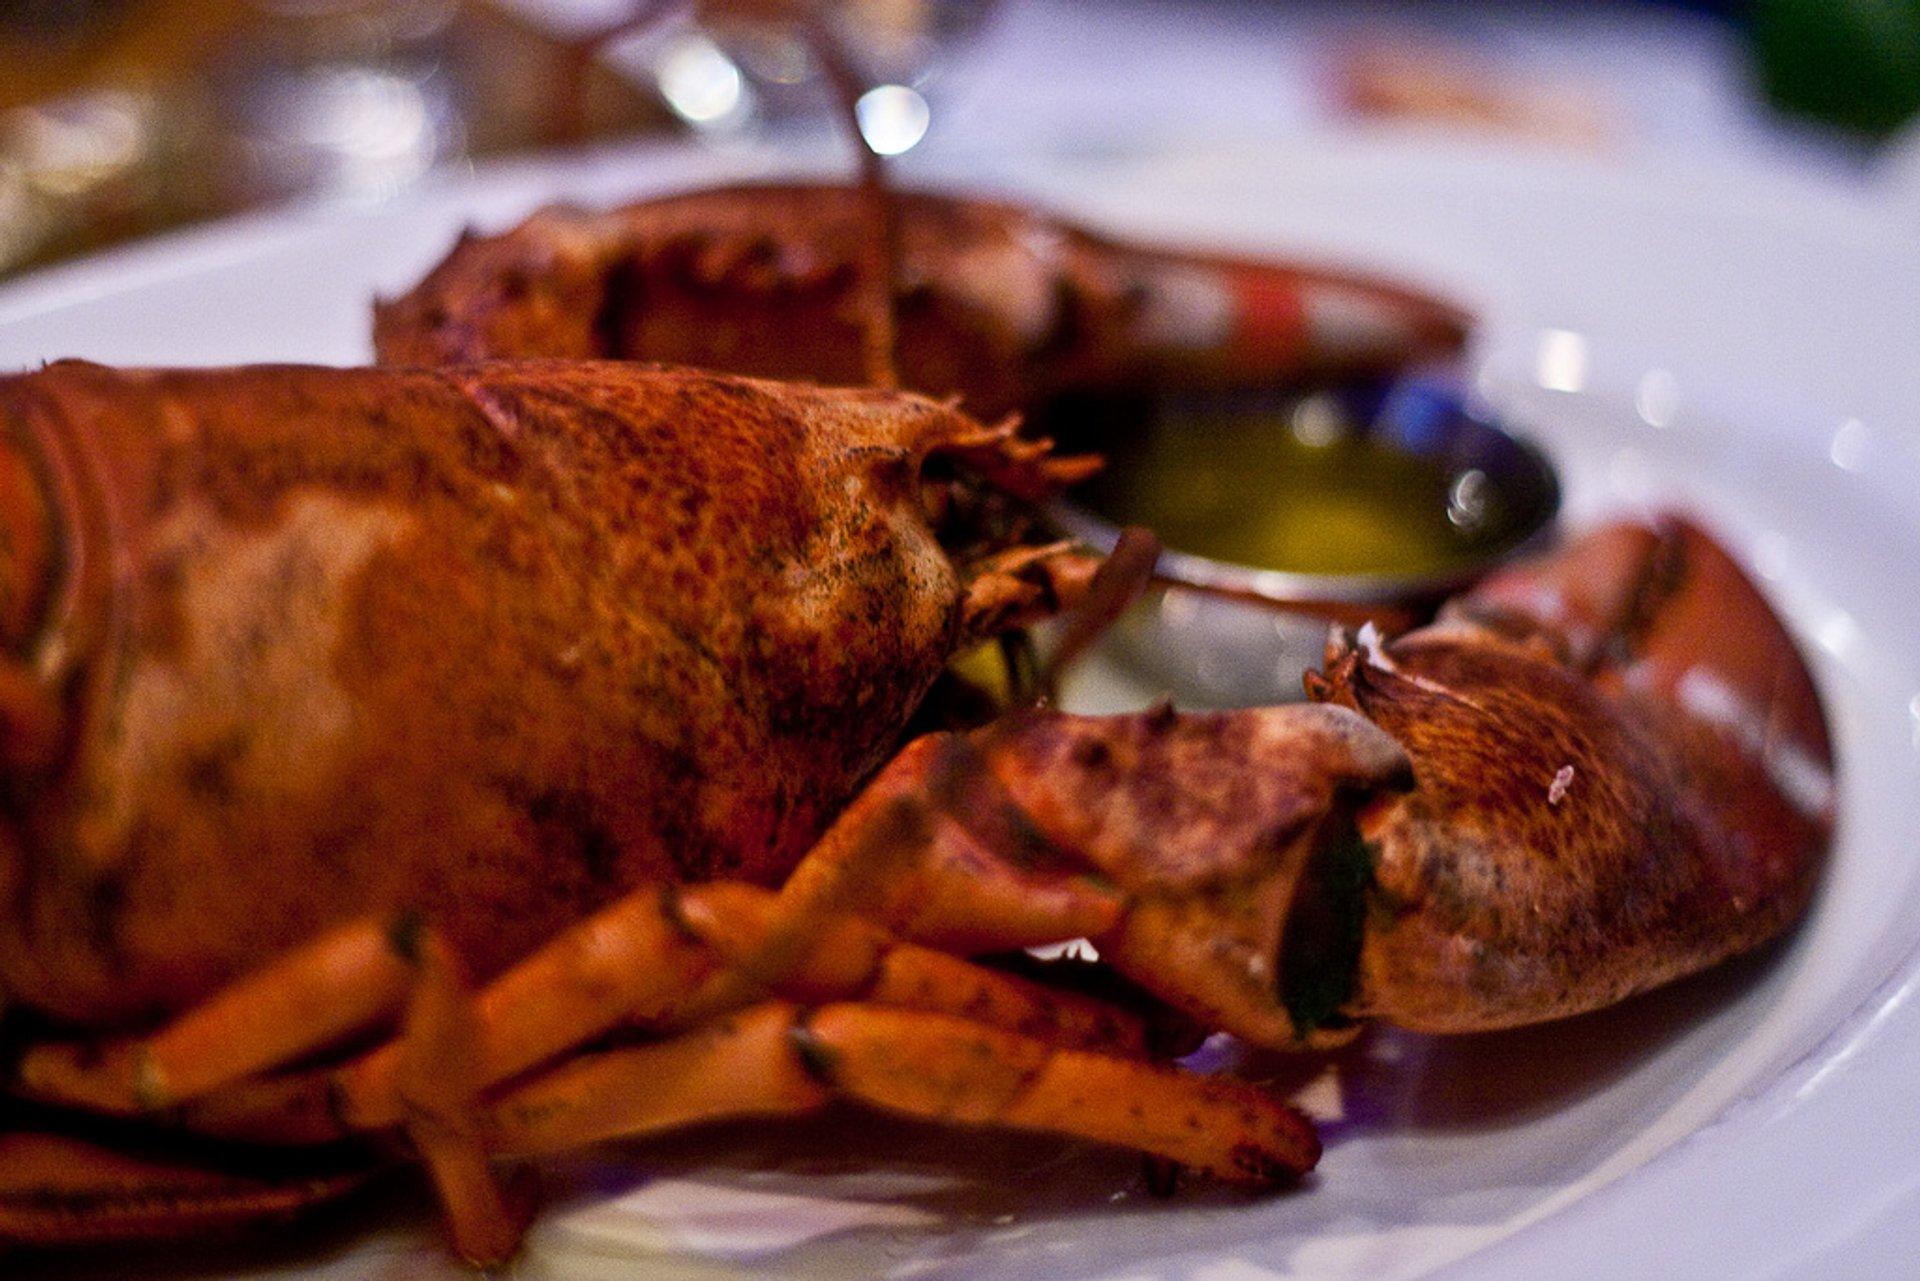 Lobster in Boston - Best Season